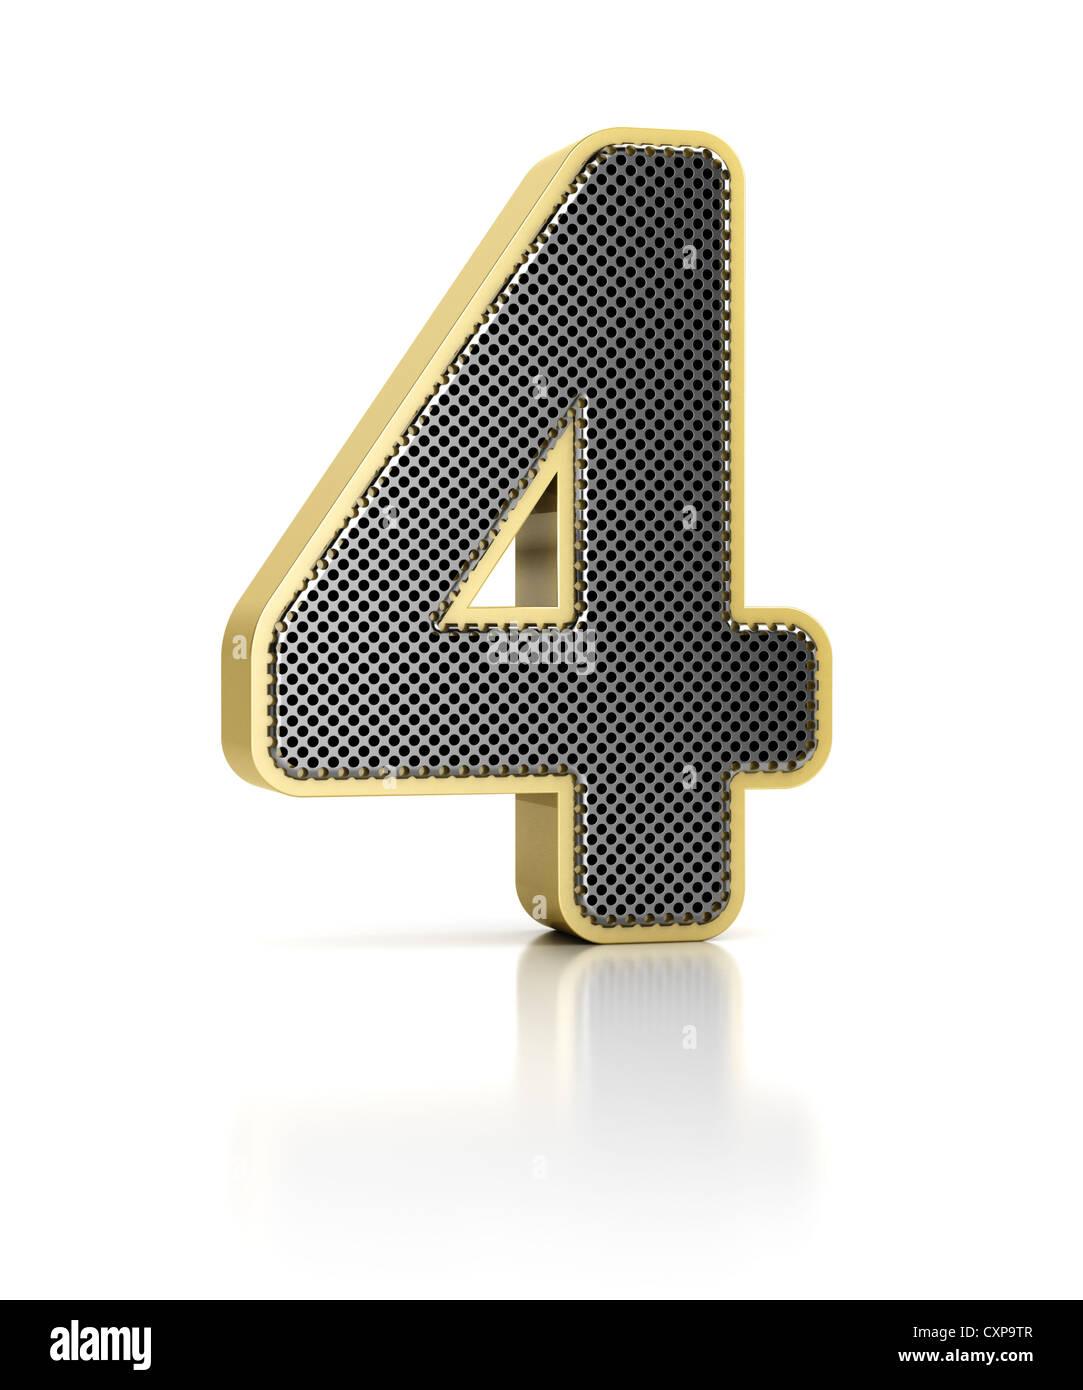 Le nombre 4 comme un objet en métal brillant sur fond blanc Photo Stock